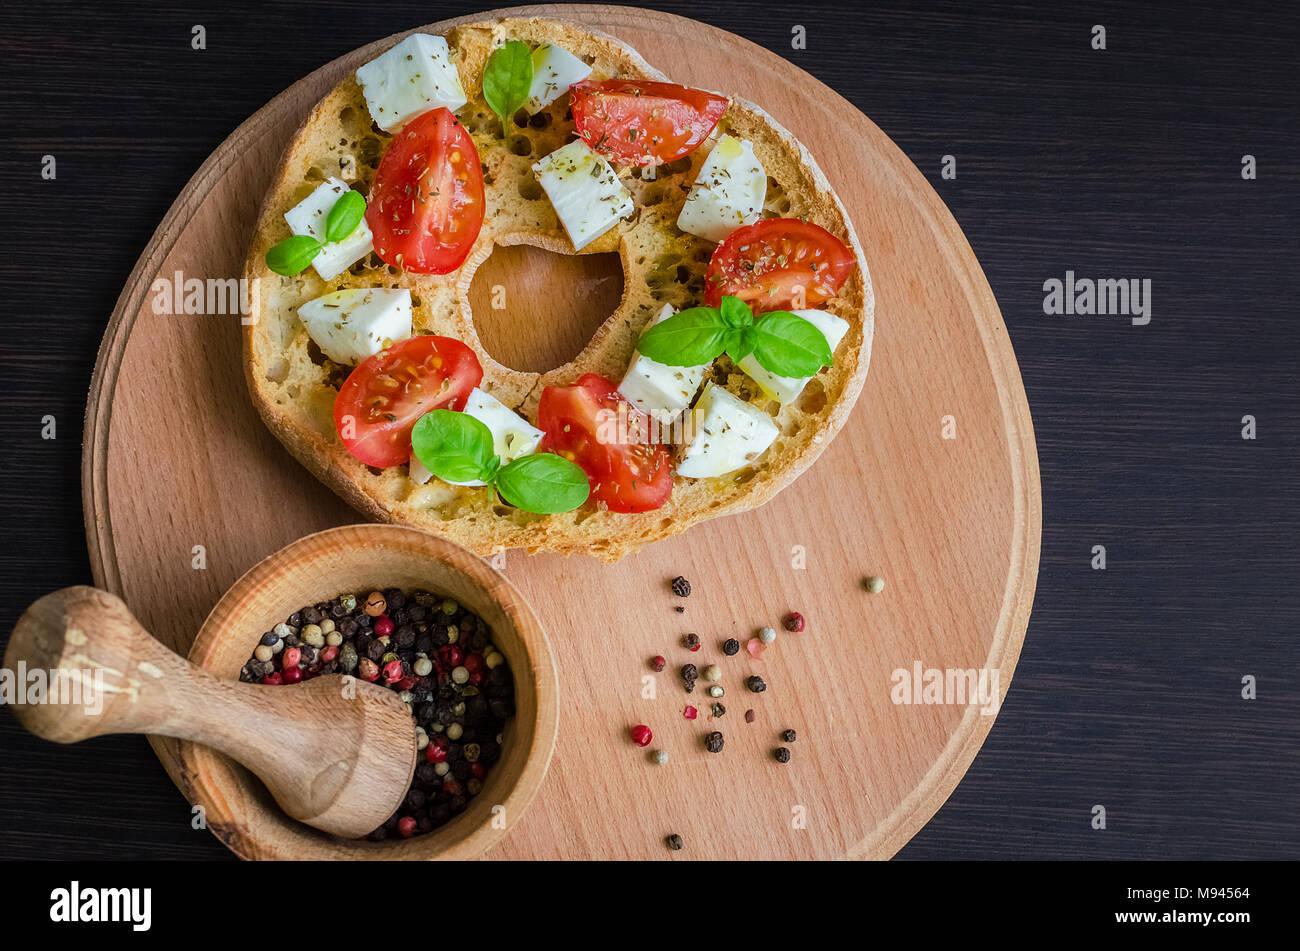 Klassische frisella Tomate, Käse Mozzarella und Basilikum. Italienischen starter friselle. Getrocknetes Brot namens freselle auf Holzbrett. Italienisches Essen. Gesund v Stockbild